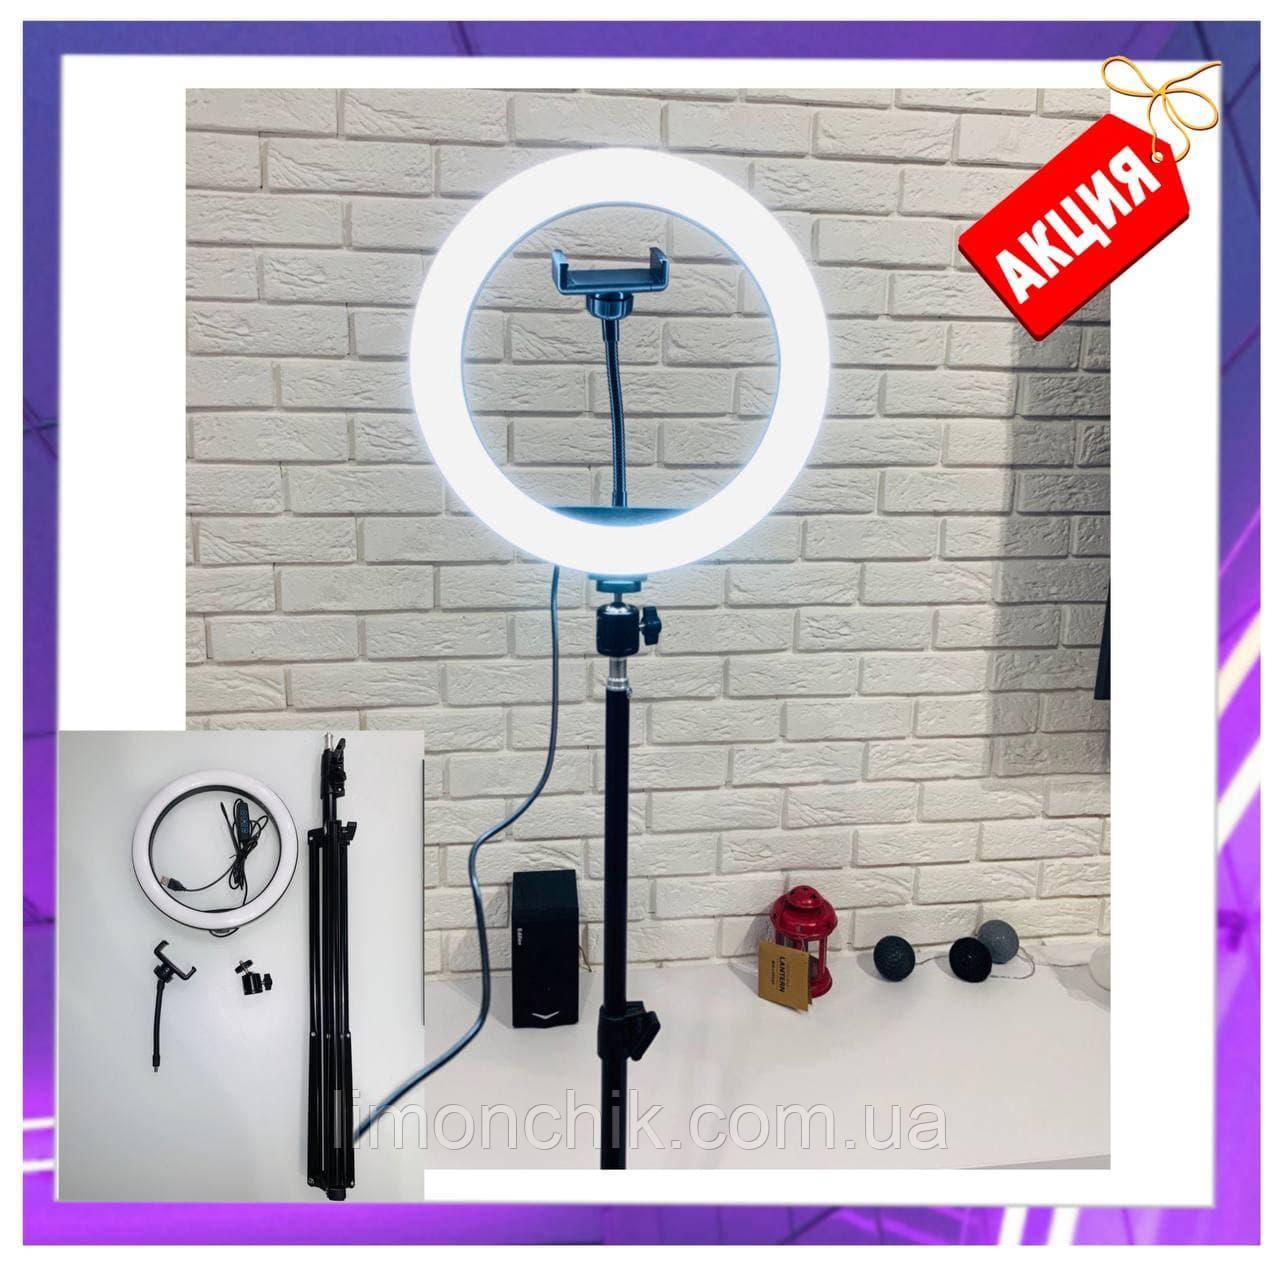 Кольцевая LED лампа 26см на штативе 2,1м, лампа блогера, фотографа, светодиодная лед лампа